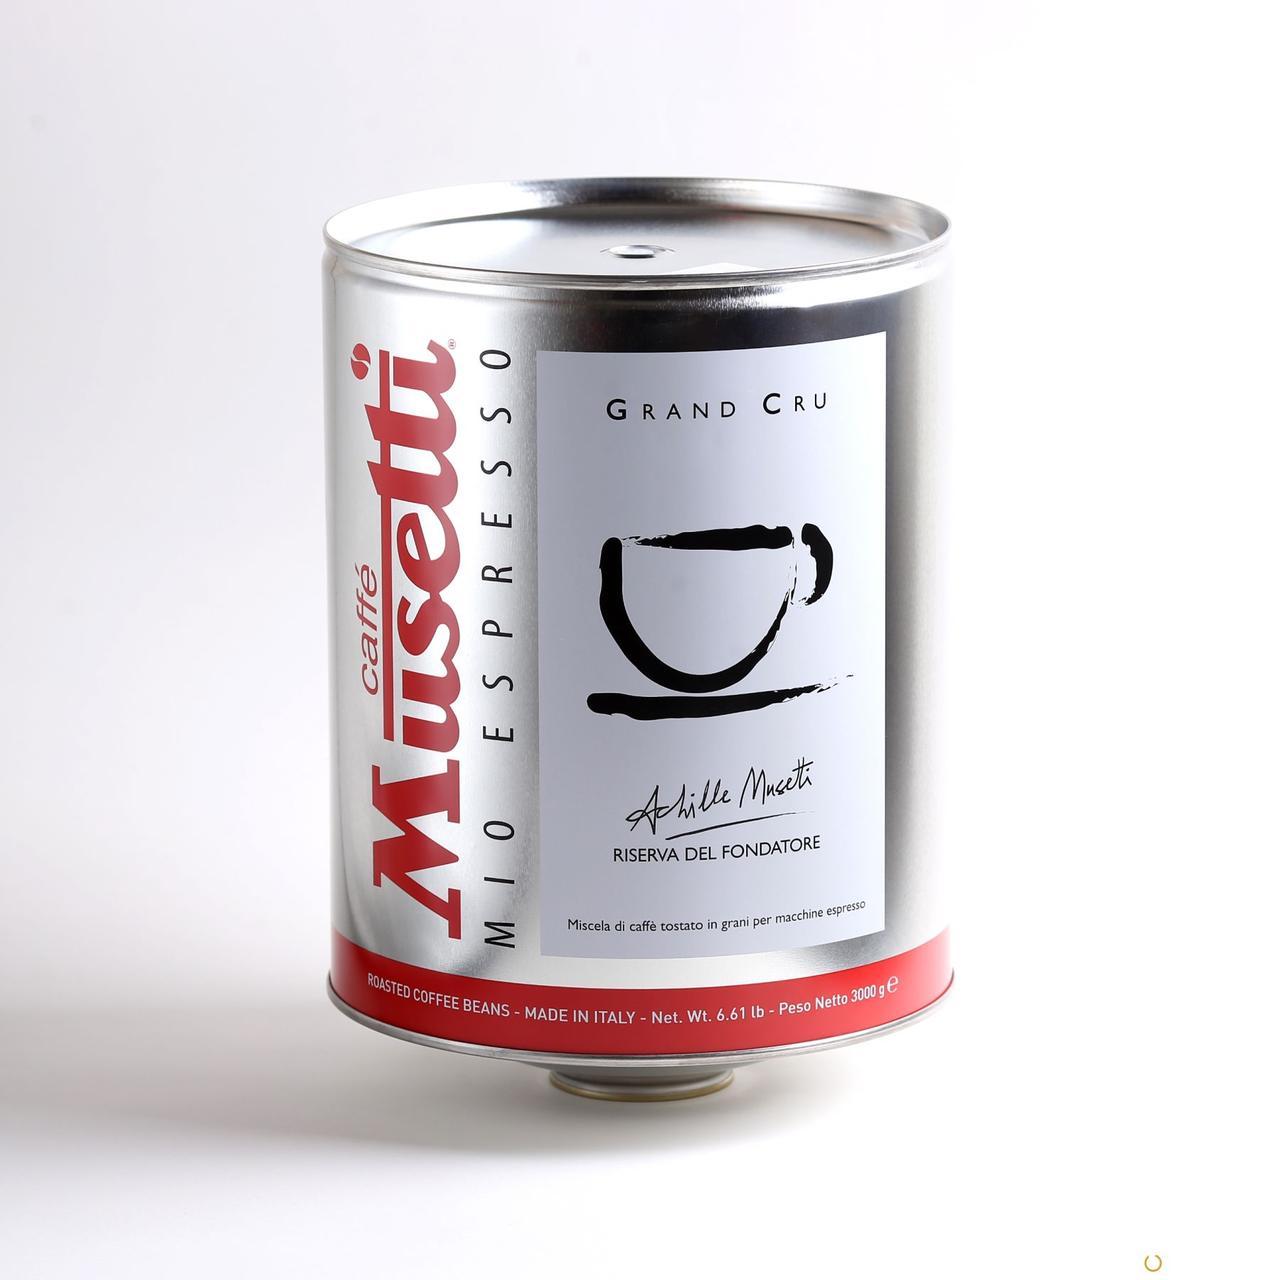 Кофе в зернах Caffe Musetti Grand Cru 3 кг